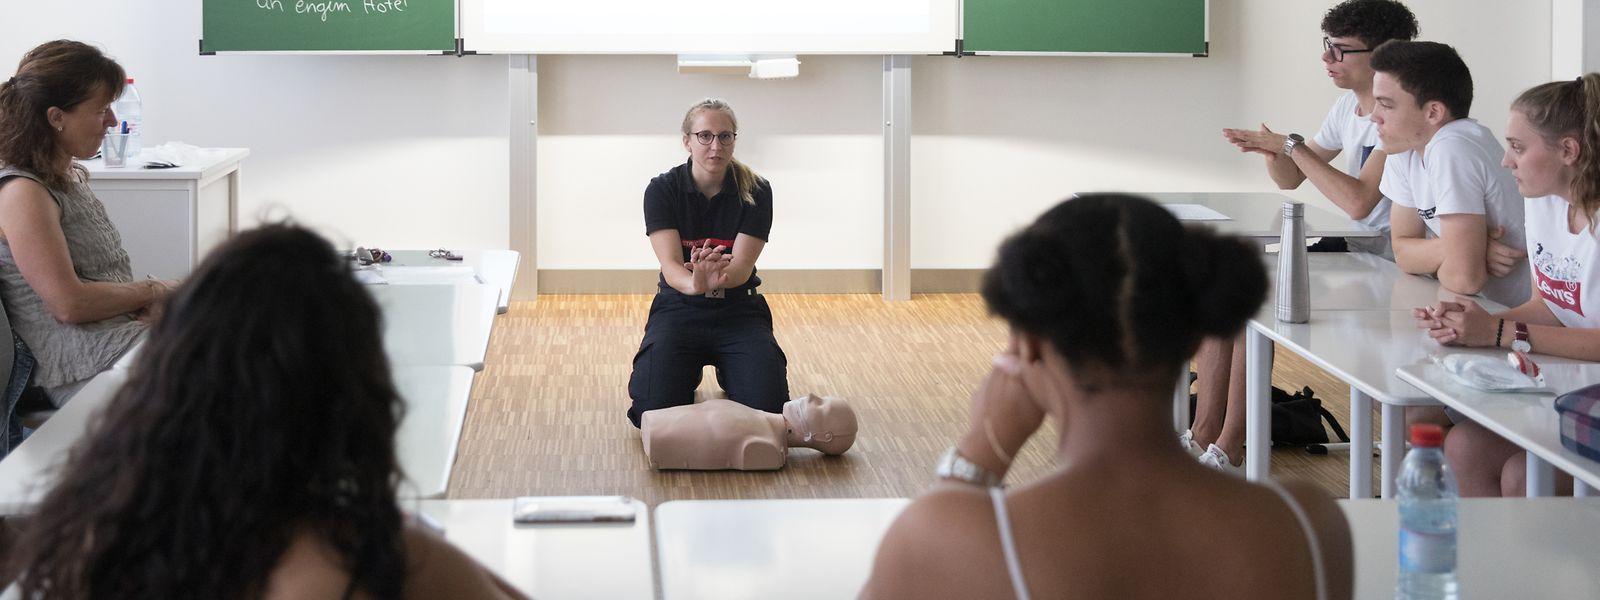 Joanne Marcus, Erste-Hilfe Instruktorin, erklärt Schülern aus dem Lënster Lycée die verschiedenen Wiederbelebungstechniken.